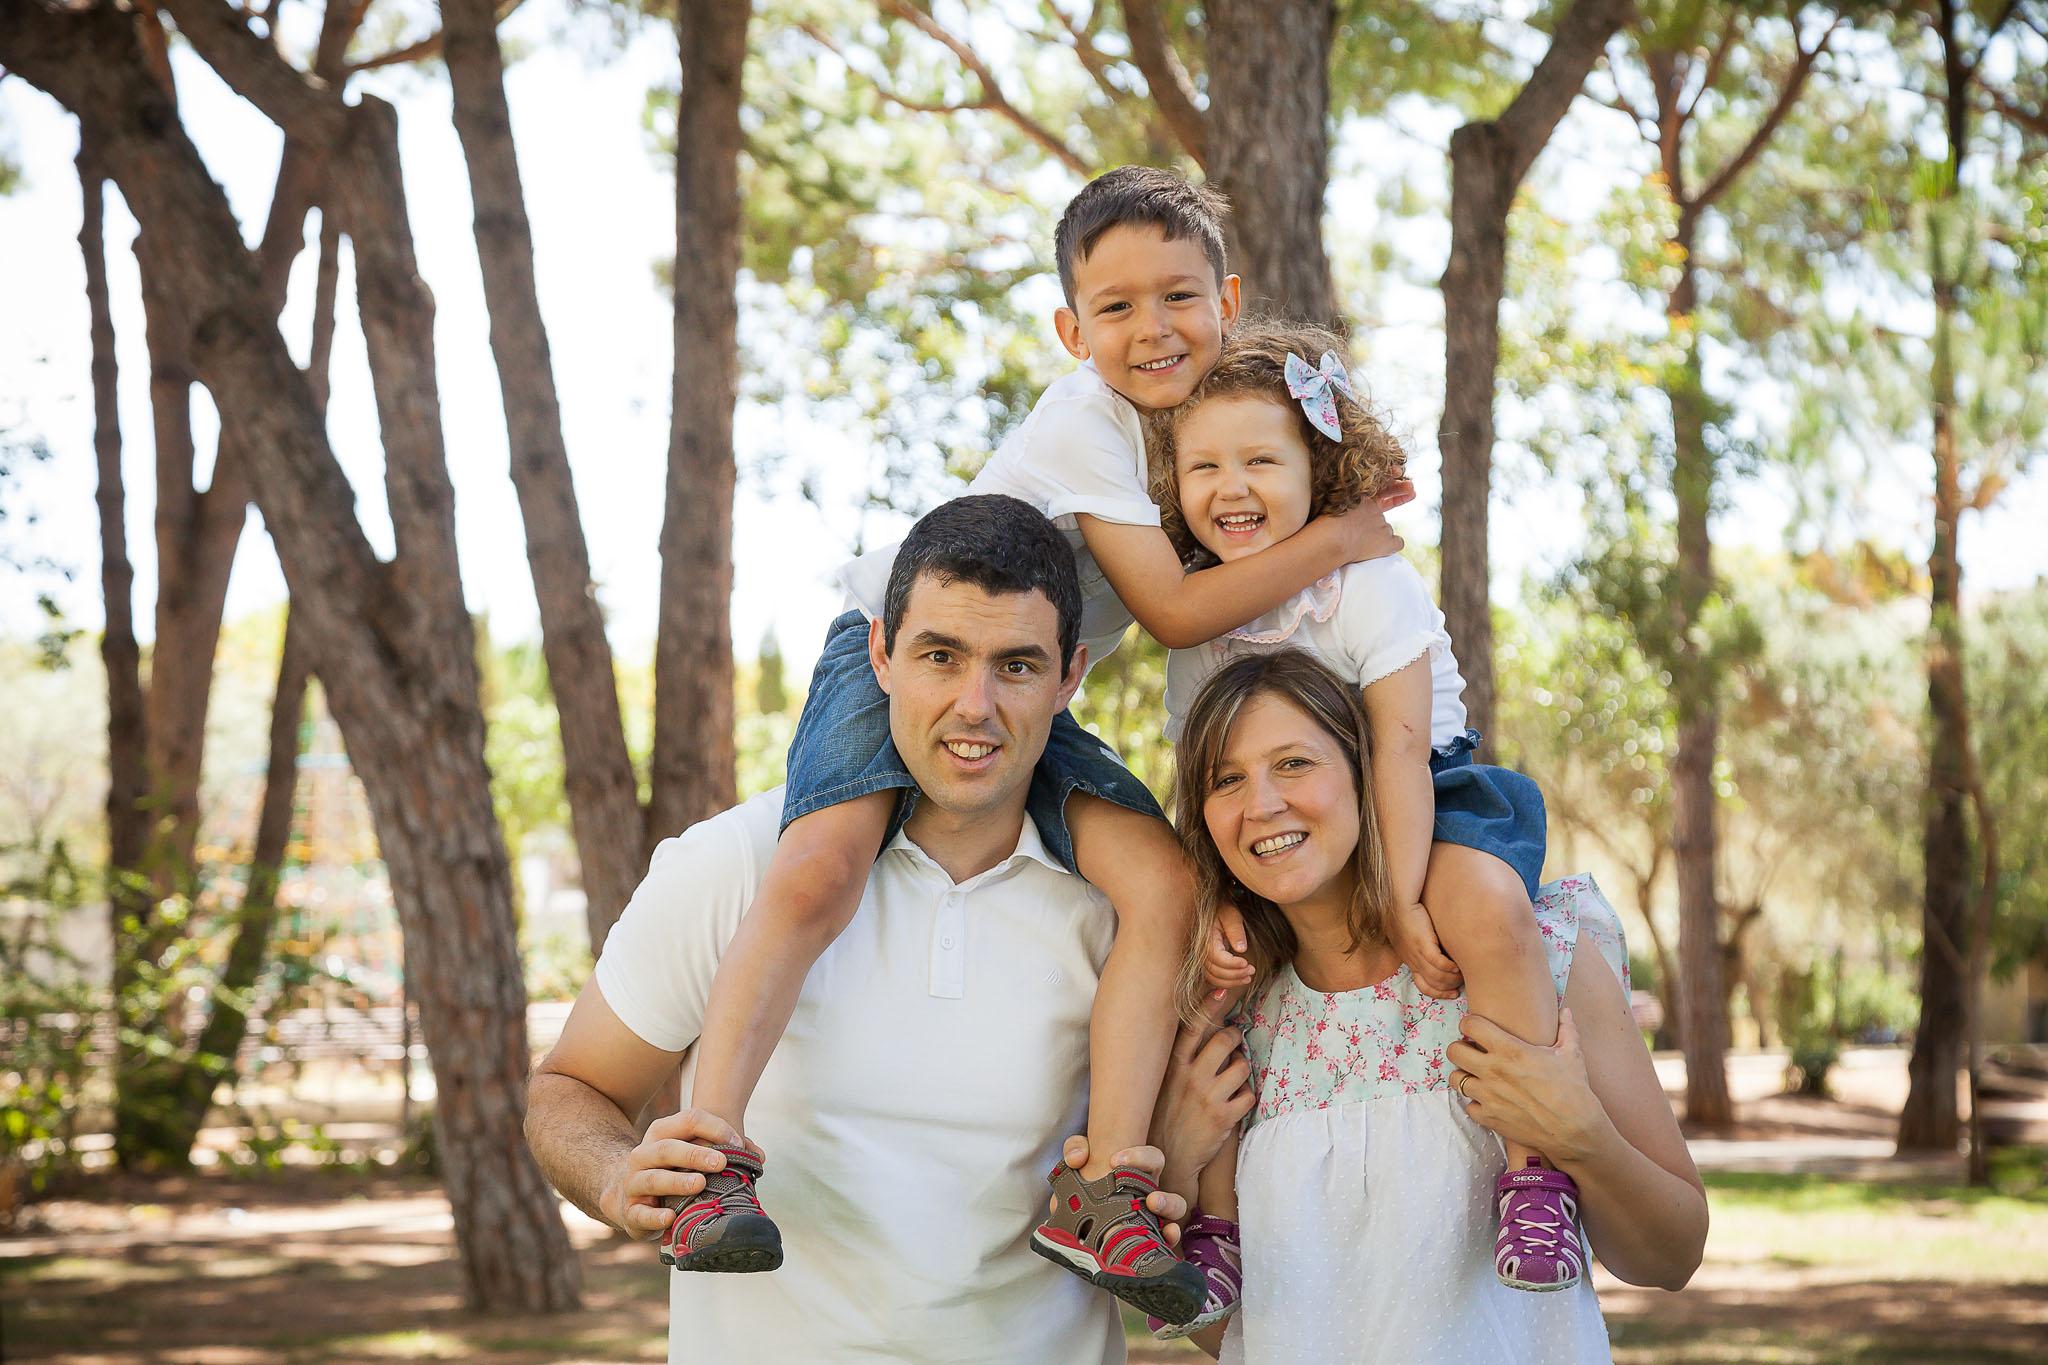 Sessão Fotográfica de Família em Loulé - Algarve